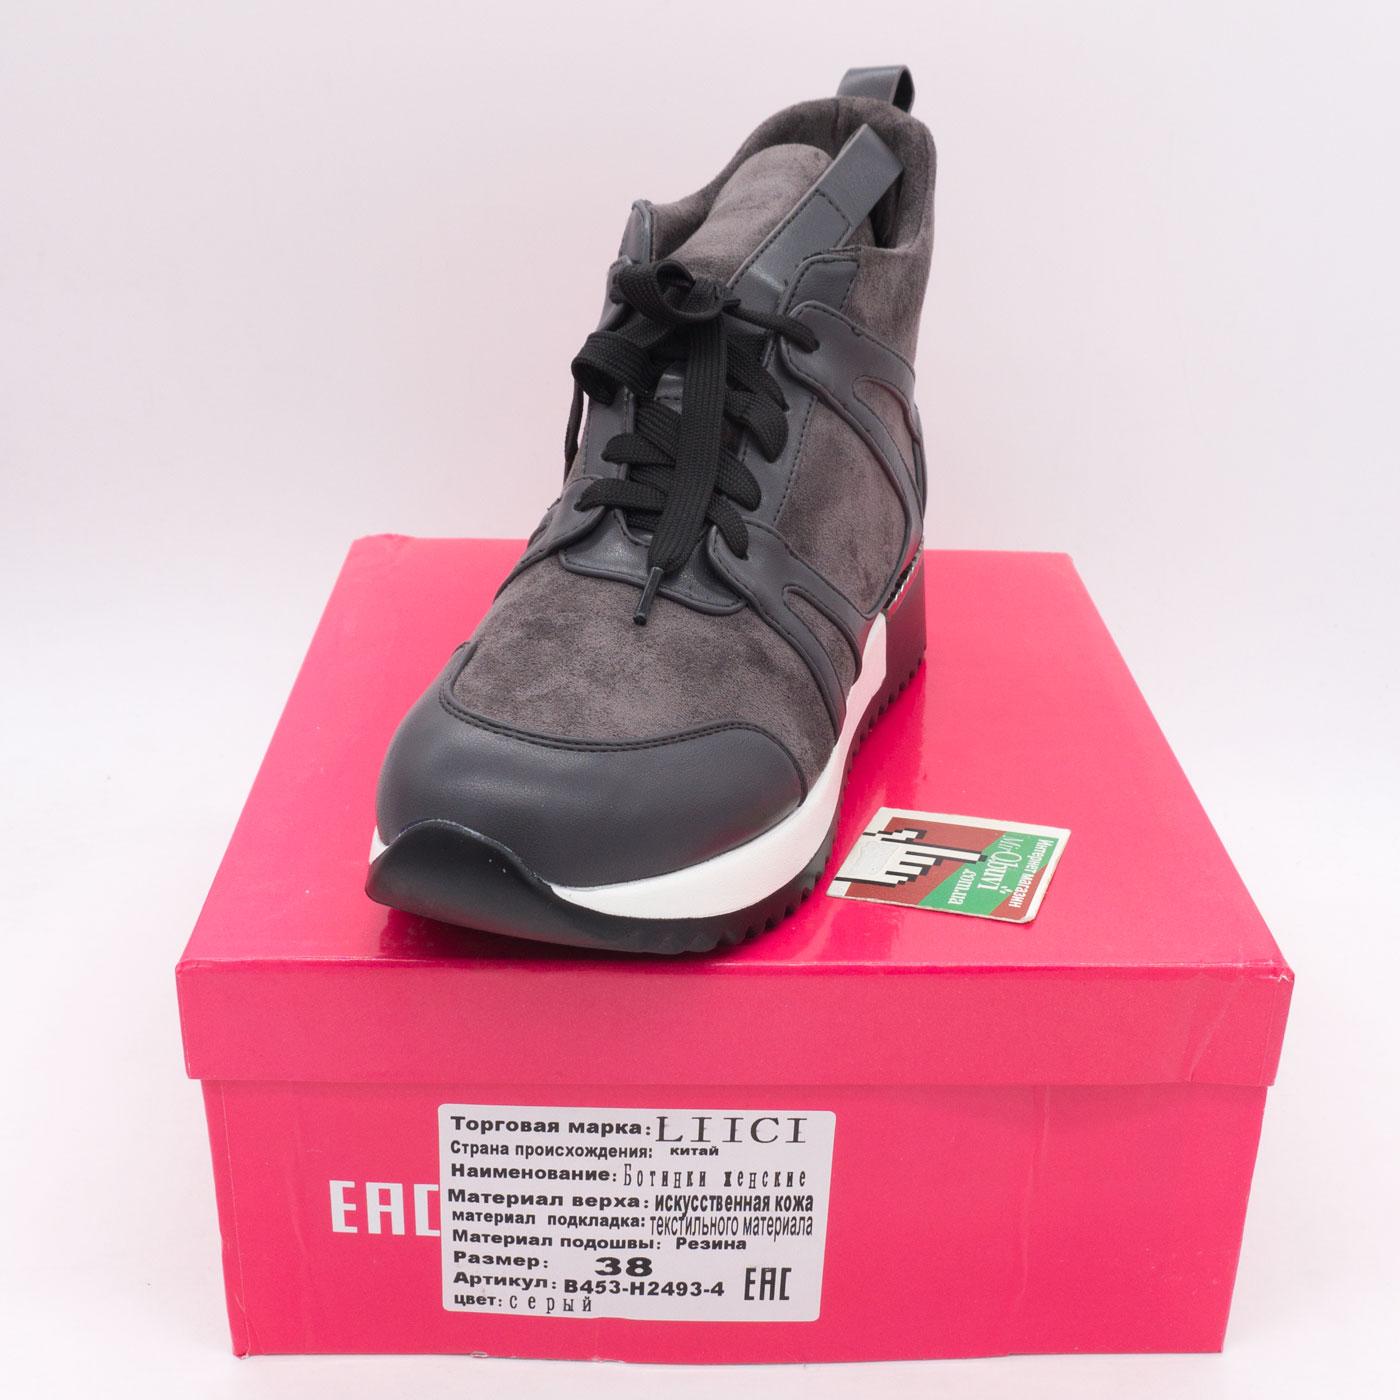 фото front Зимние высокие кроссовки LICCI B453-H2493-4 Серый front